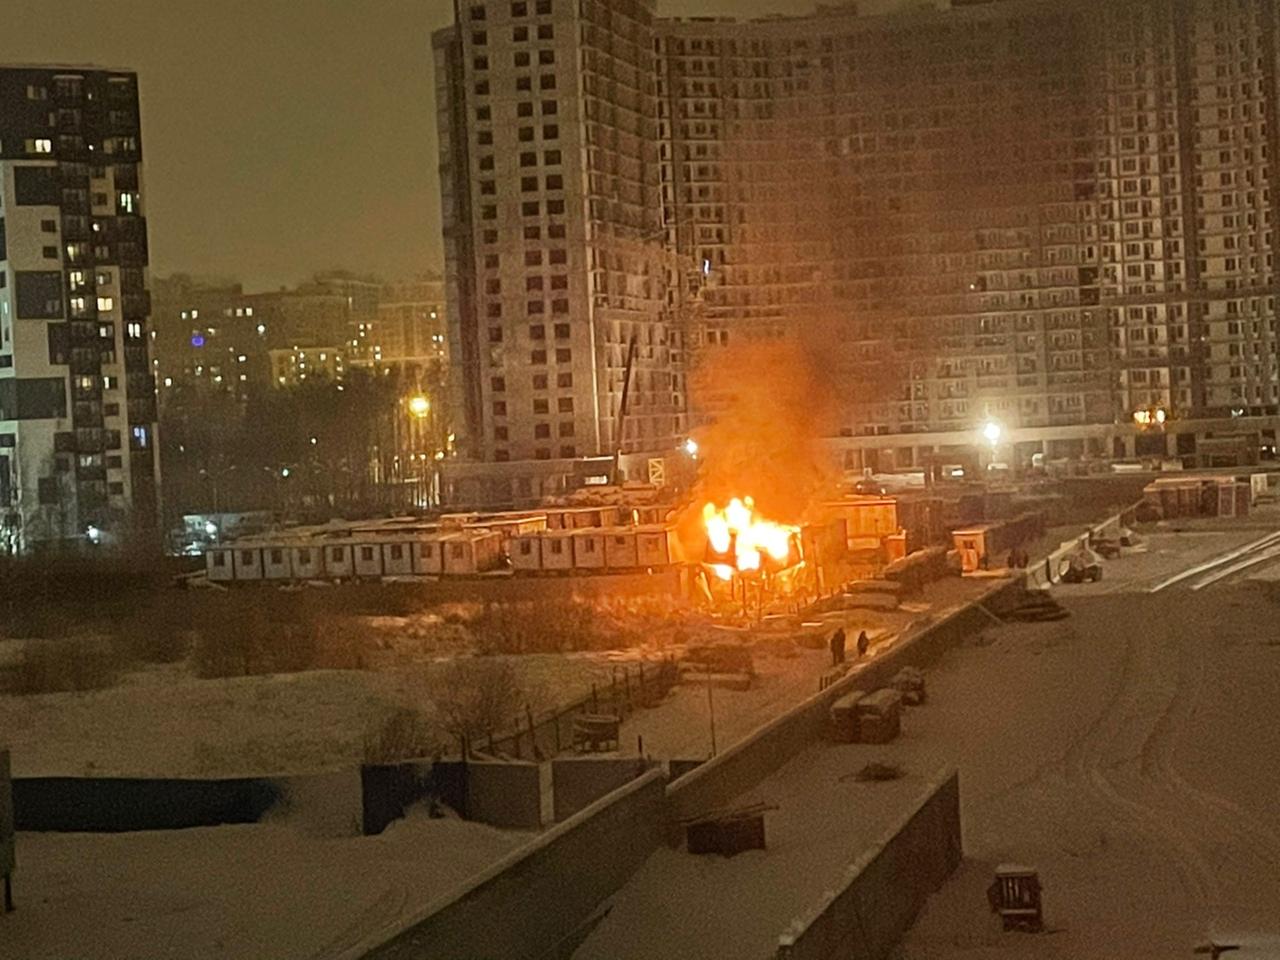 Загорелись строительные вагончики в строительном городке Инвестторга в Кудрове , напротив Европейск...